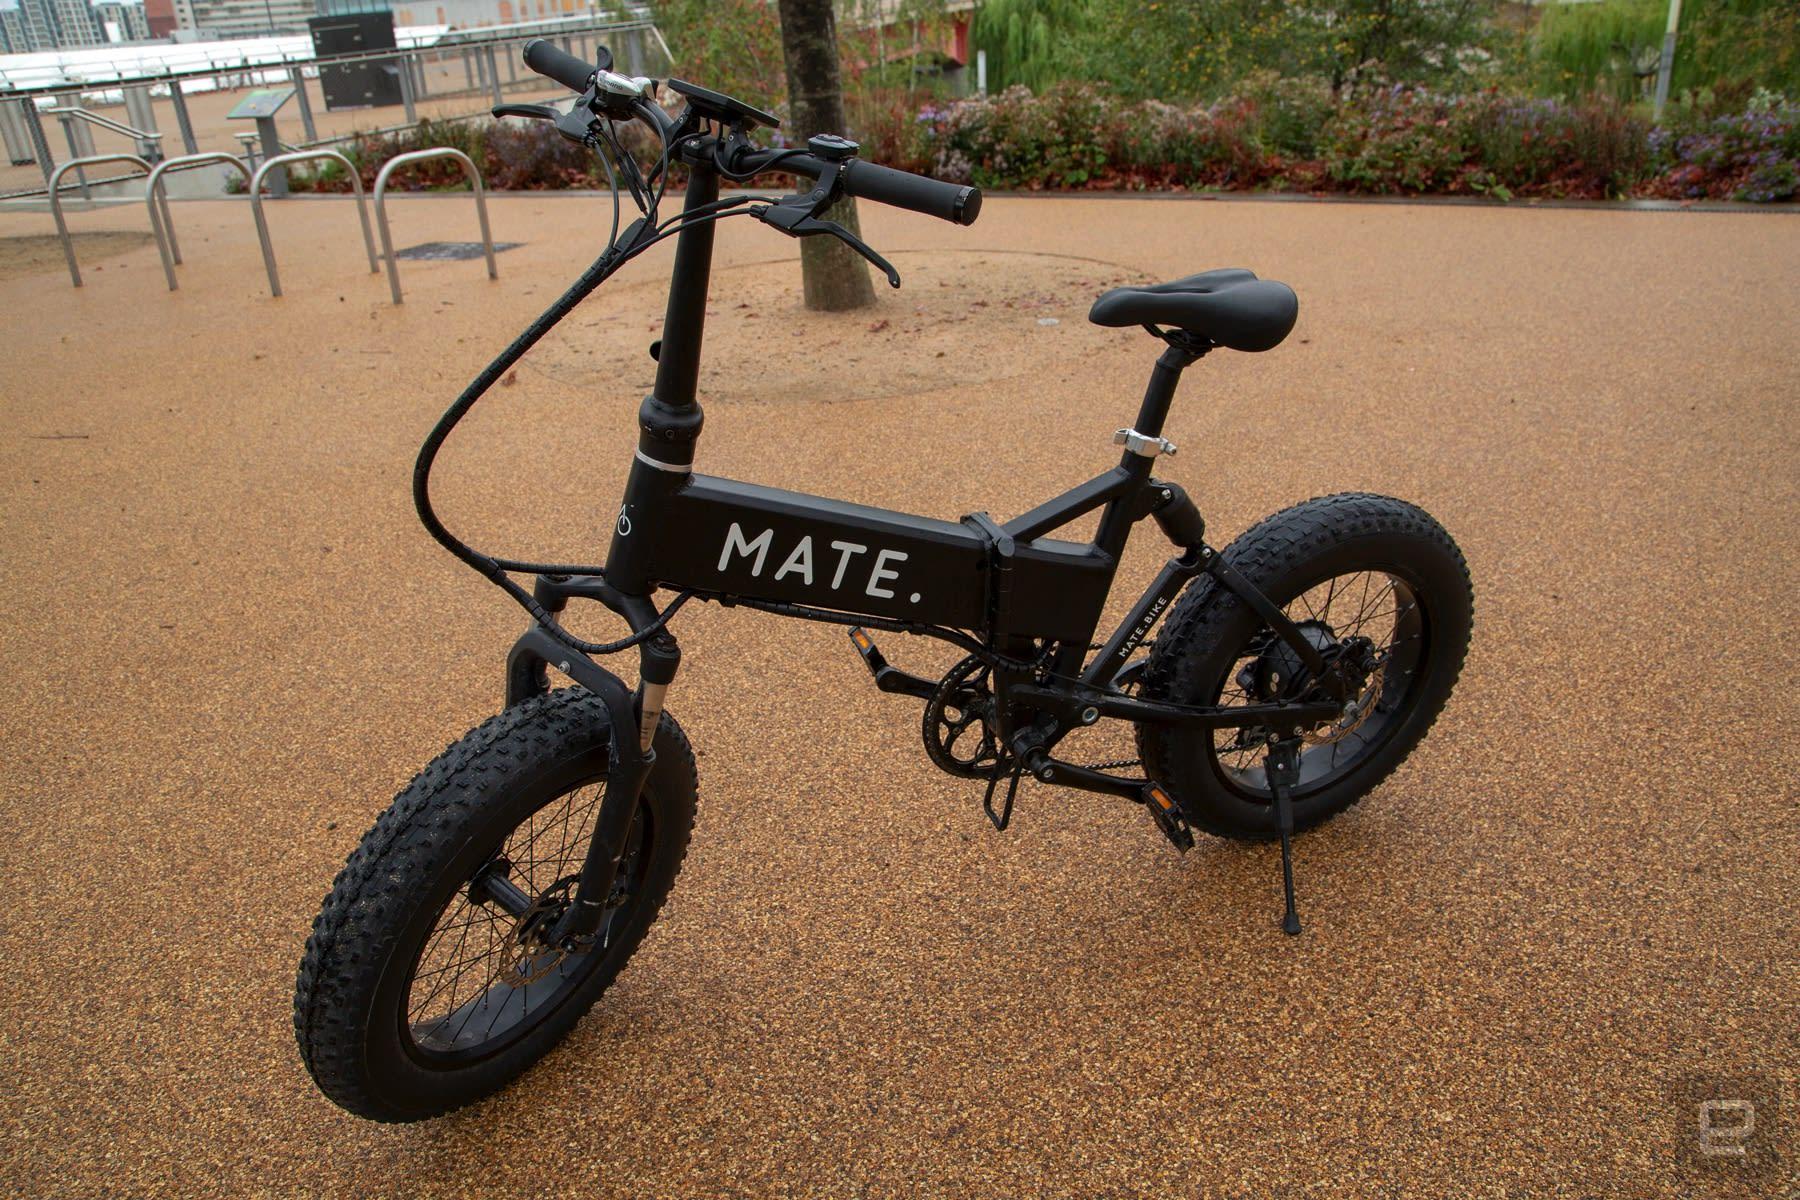 Mate X